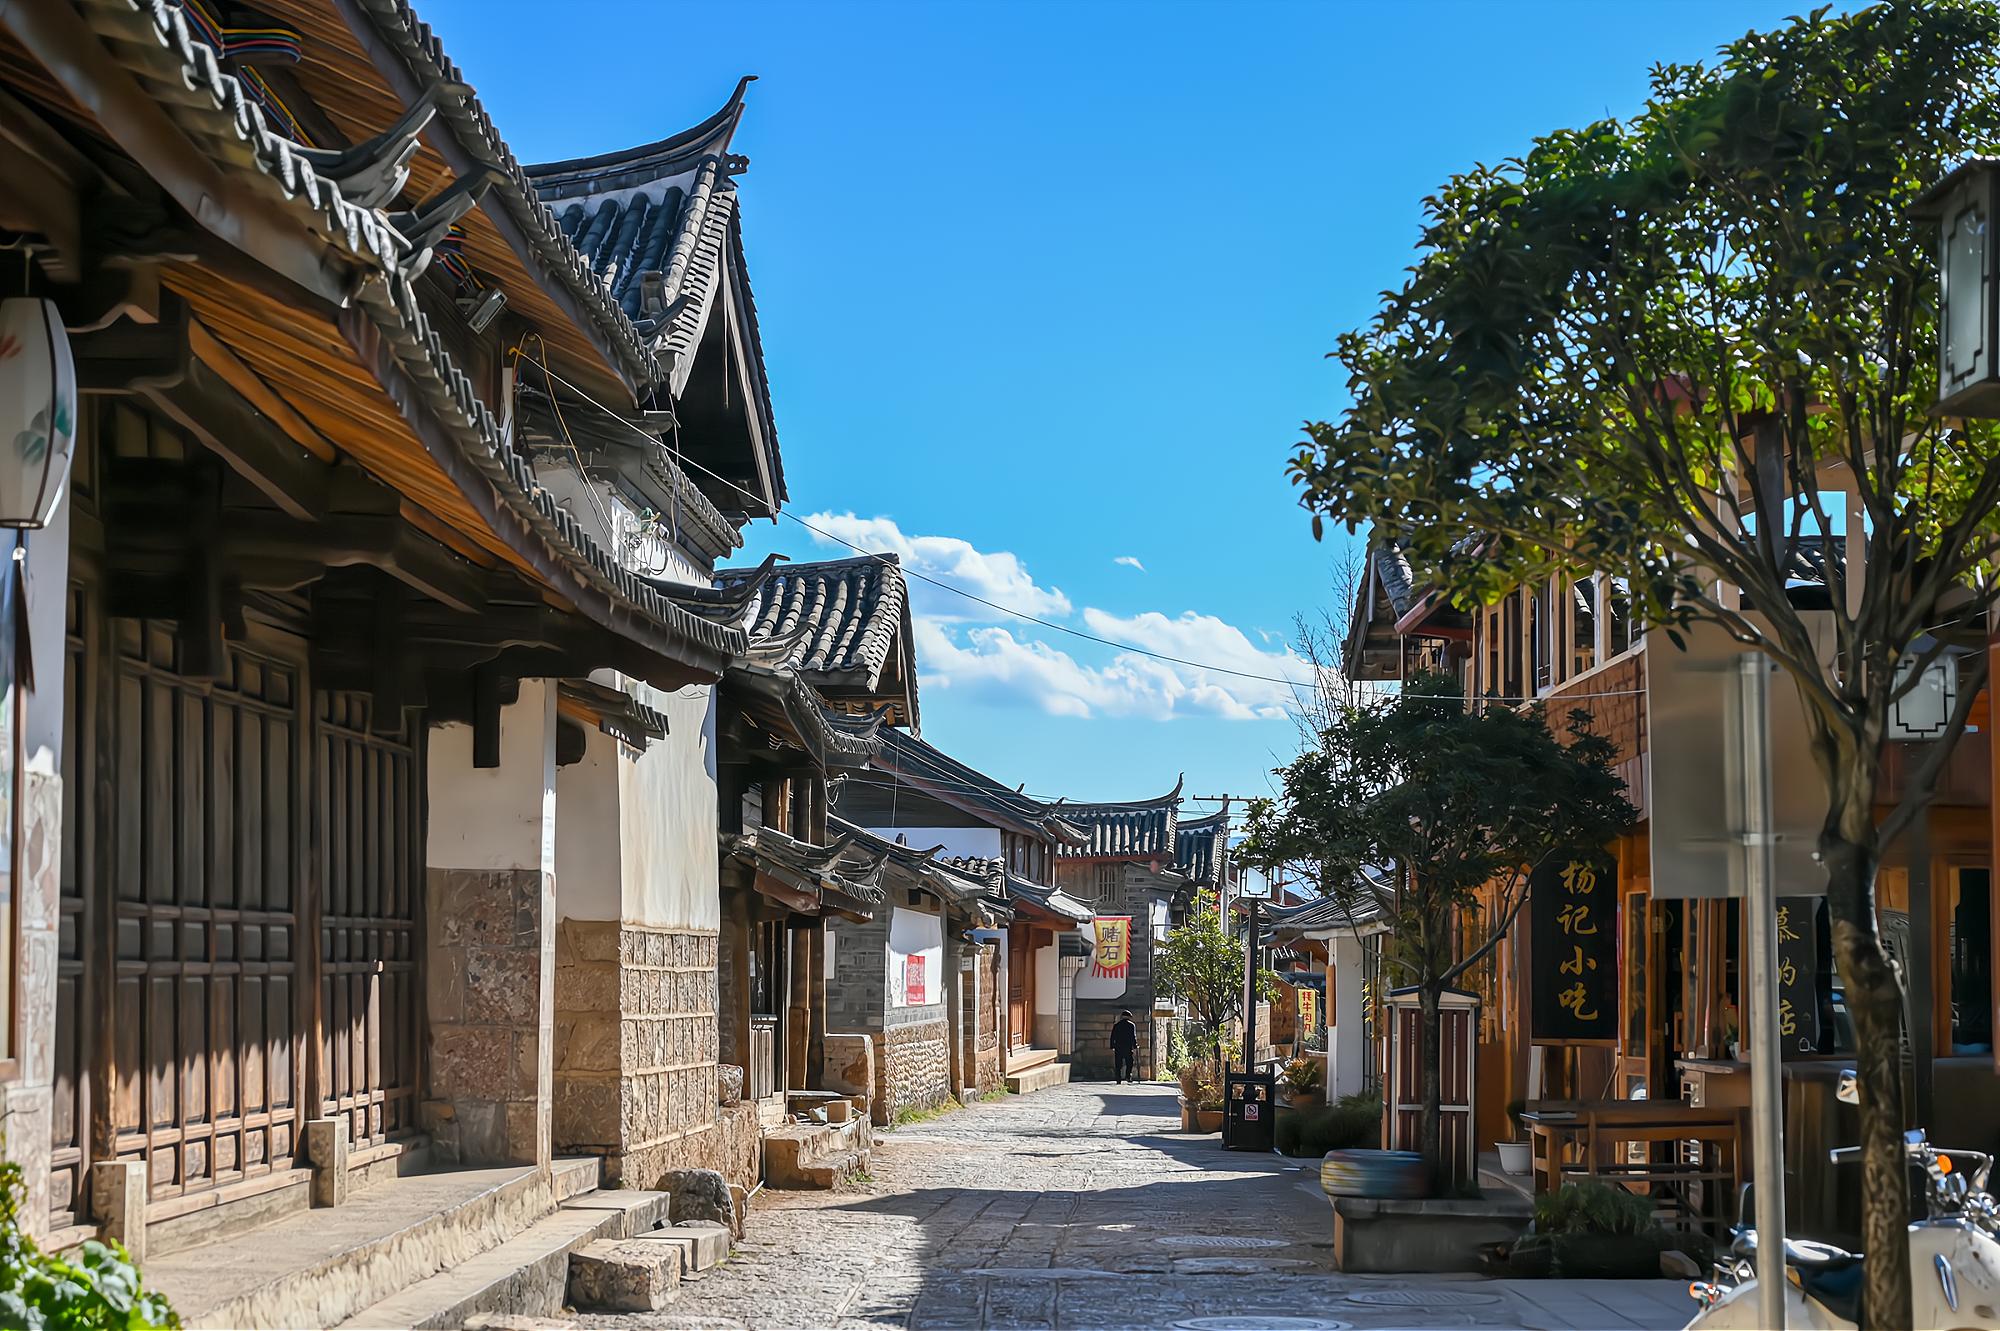 丽江三大古镇之一:白沙古镇,最原生态的纳西村落,值得一去再去